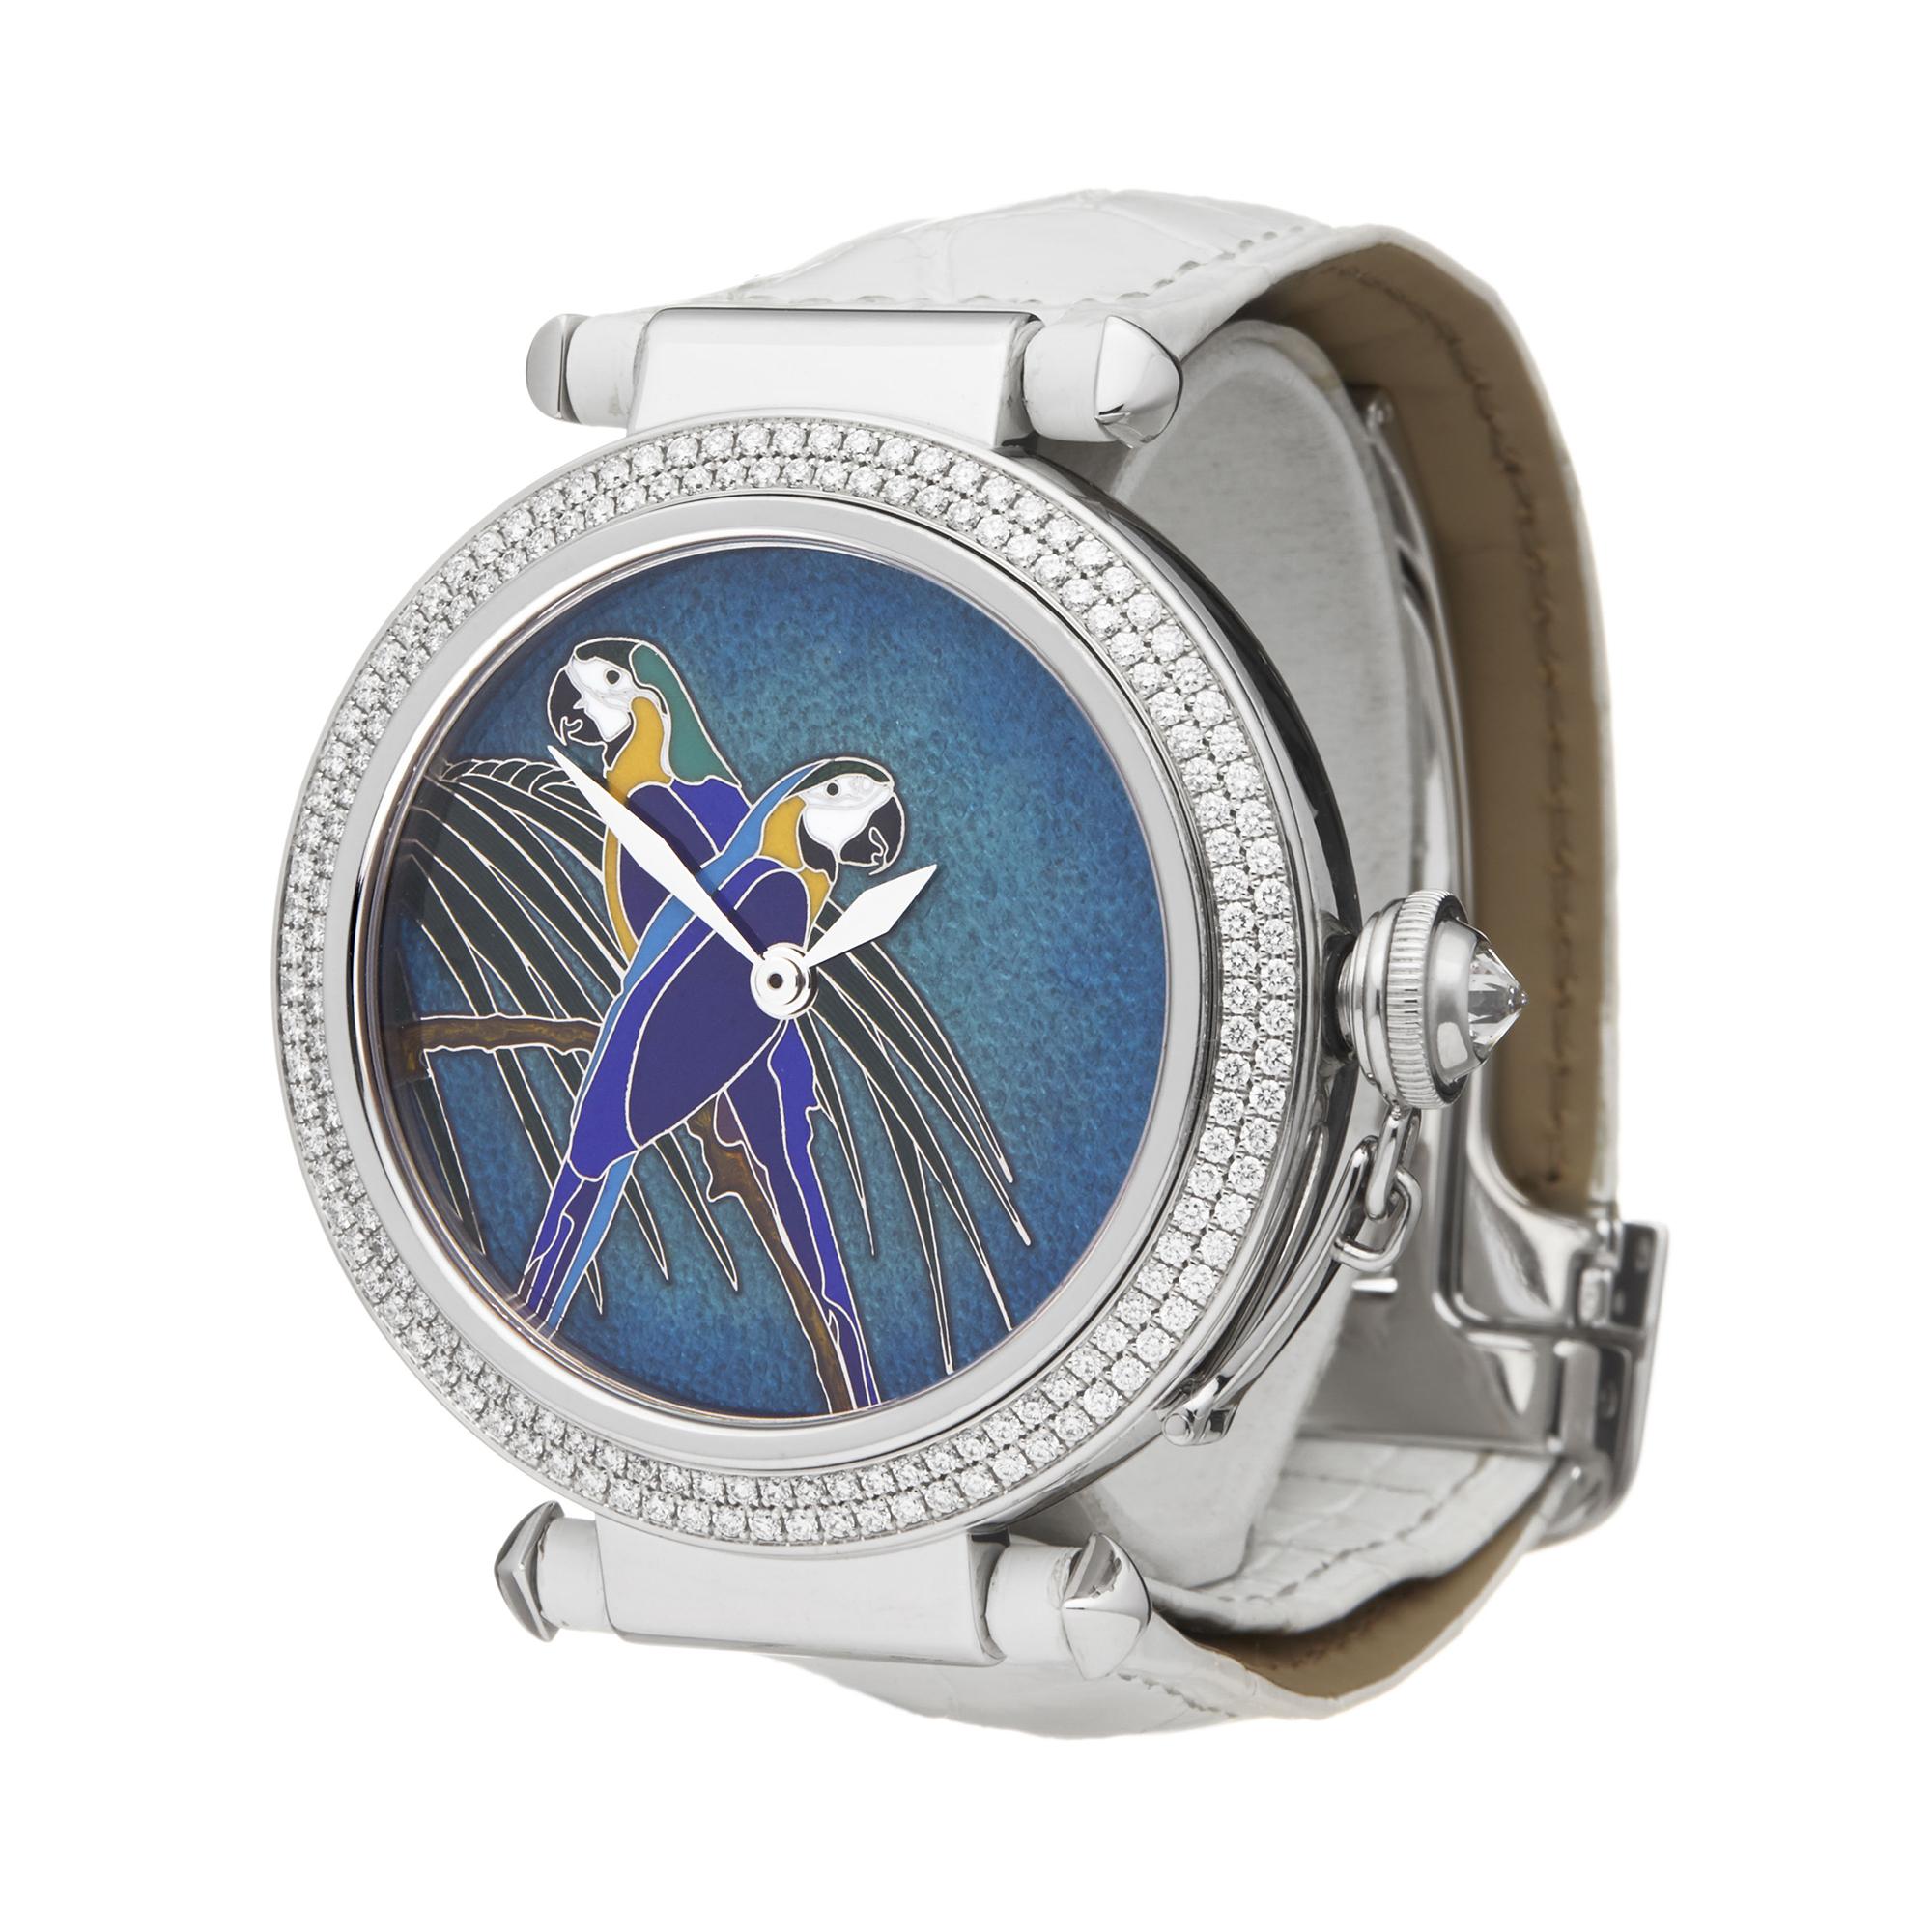 Cartier Pasha de Cartier Enamel Dial 18k White Gold - 3142L